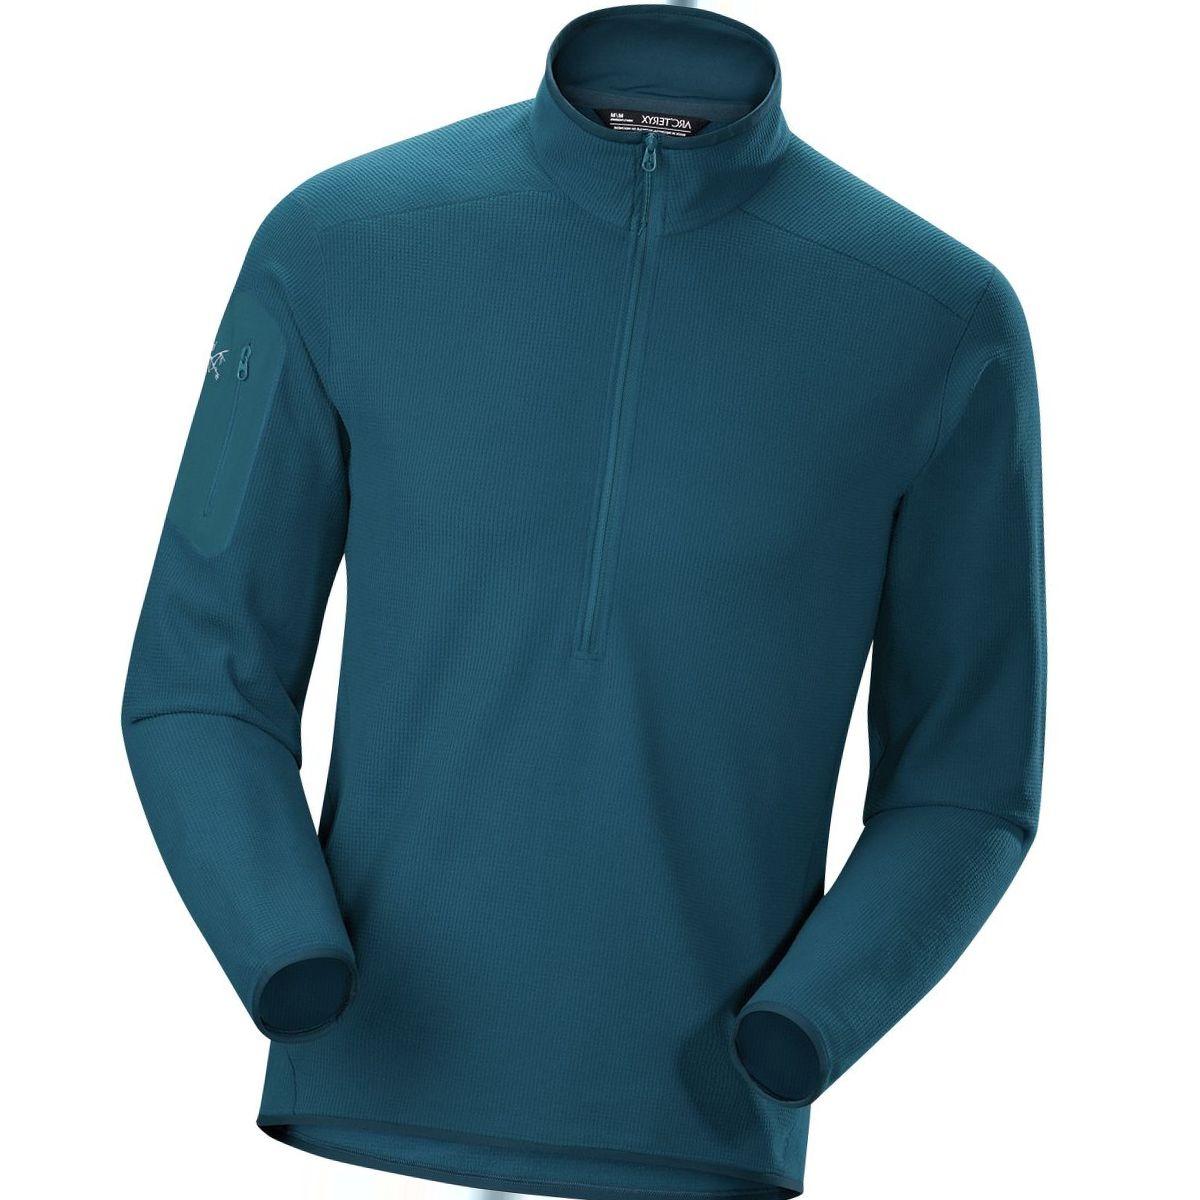 Arc'teryx Delta LT Zip-Neck Fleece Pullover - Men's